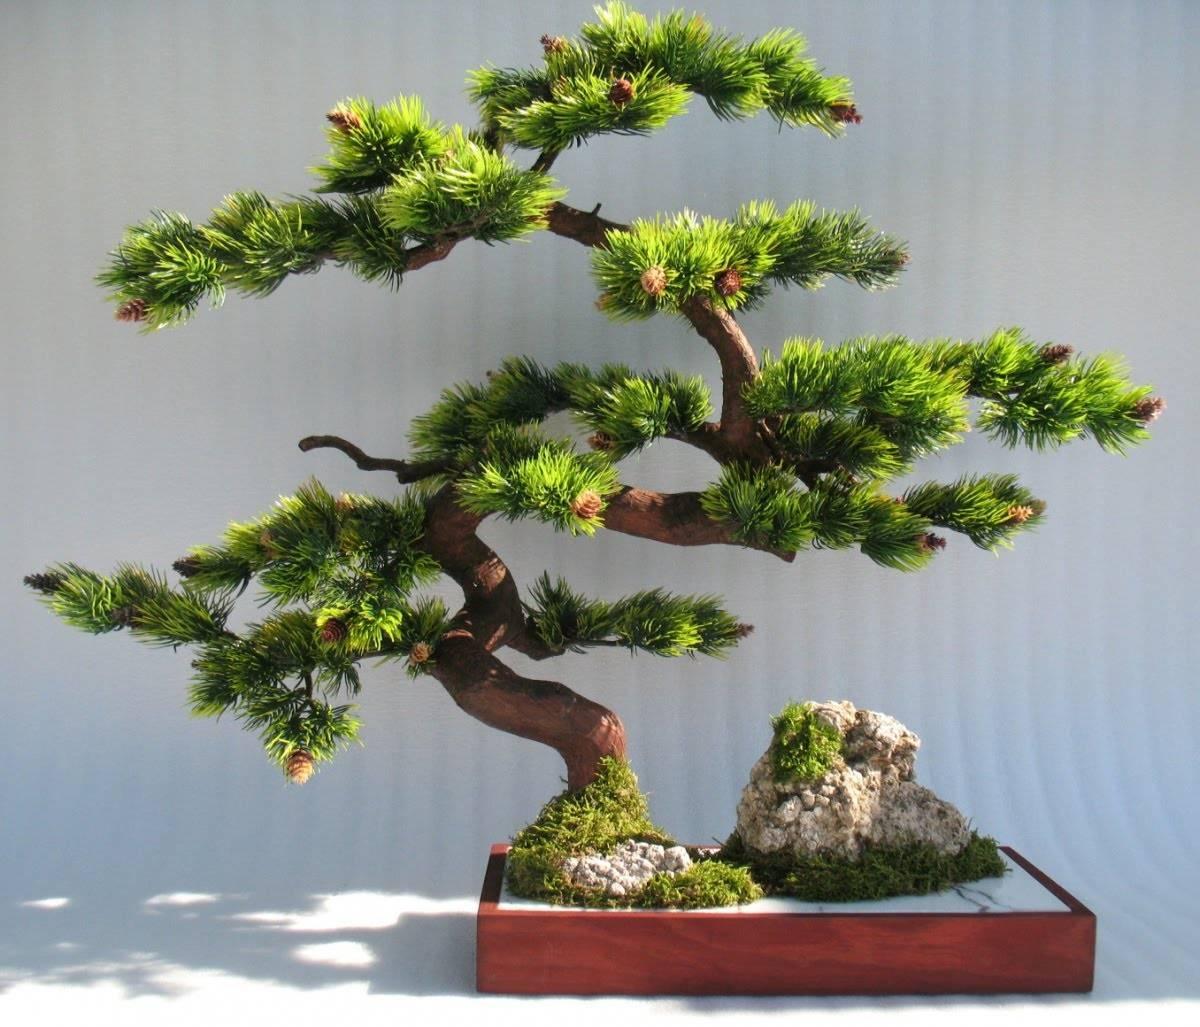 Правильный уход за деревом бонсай в домашних условиях